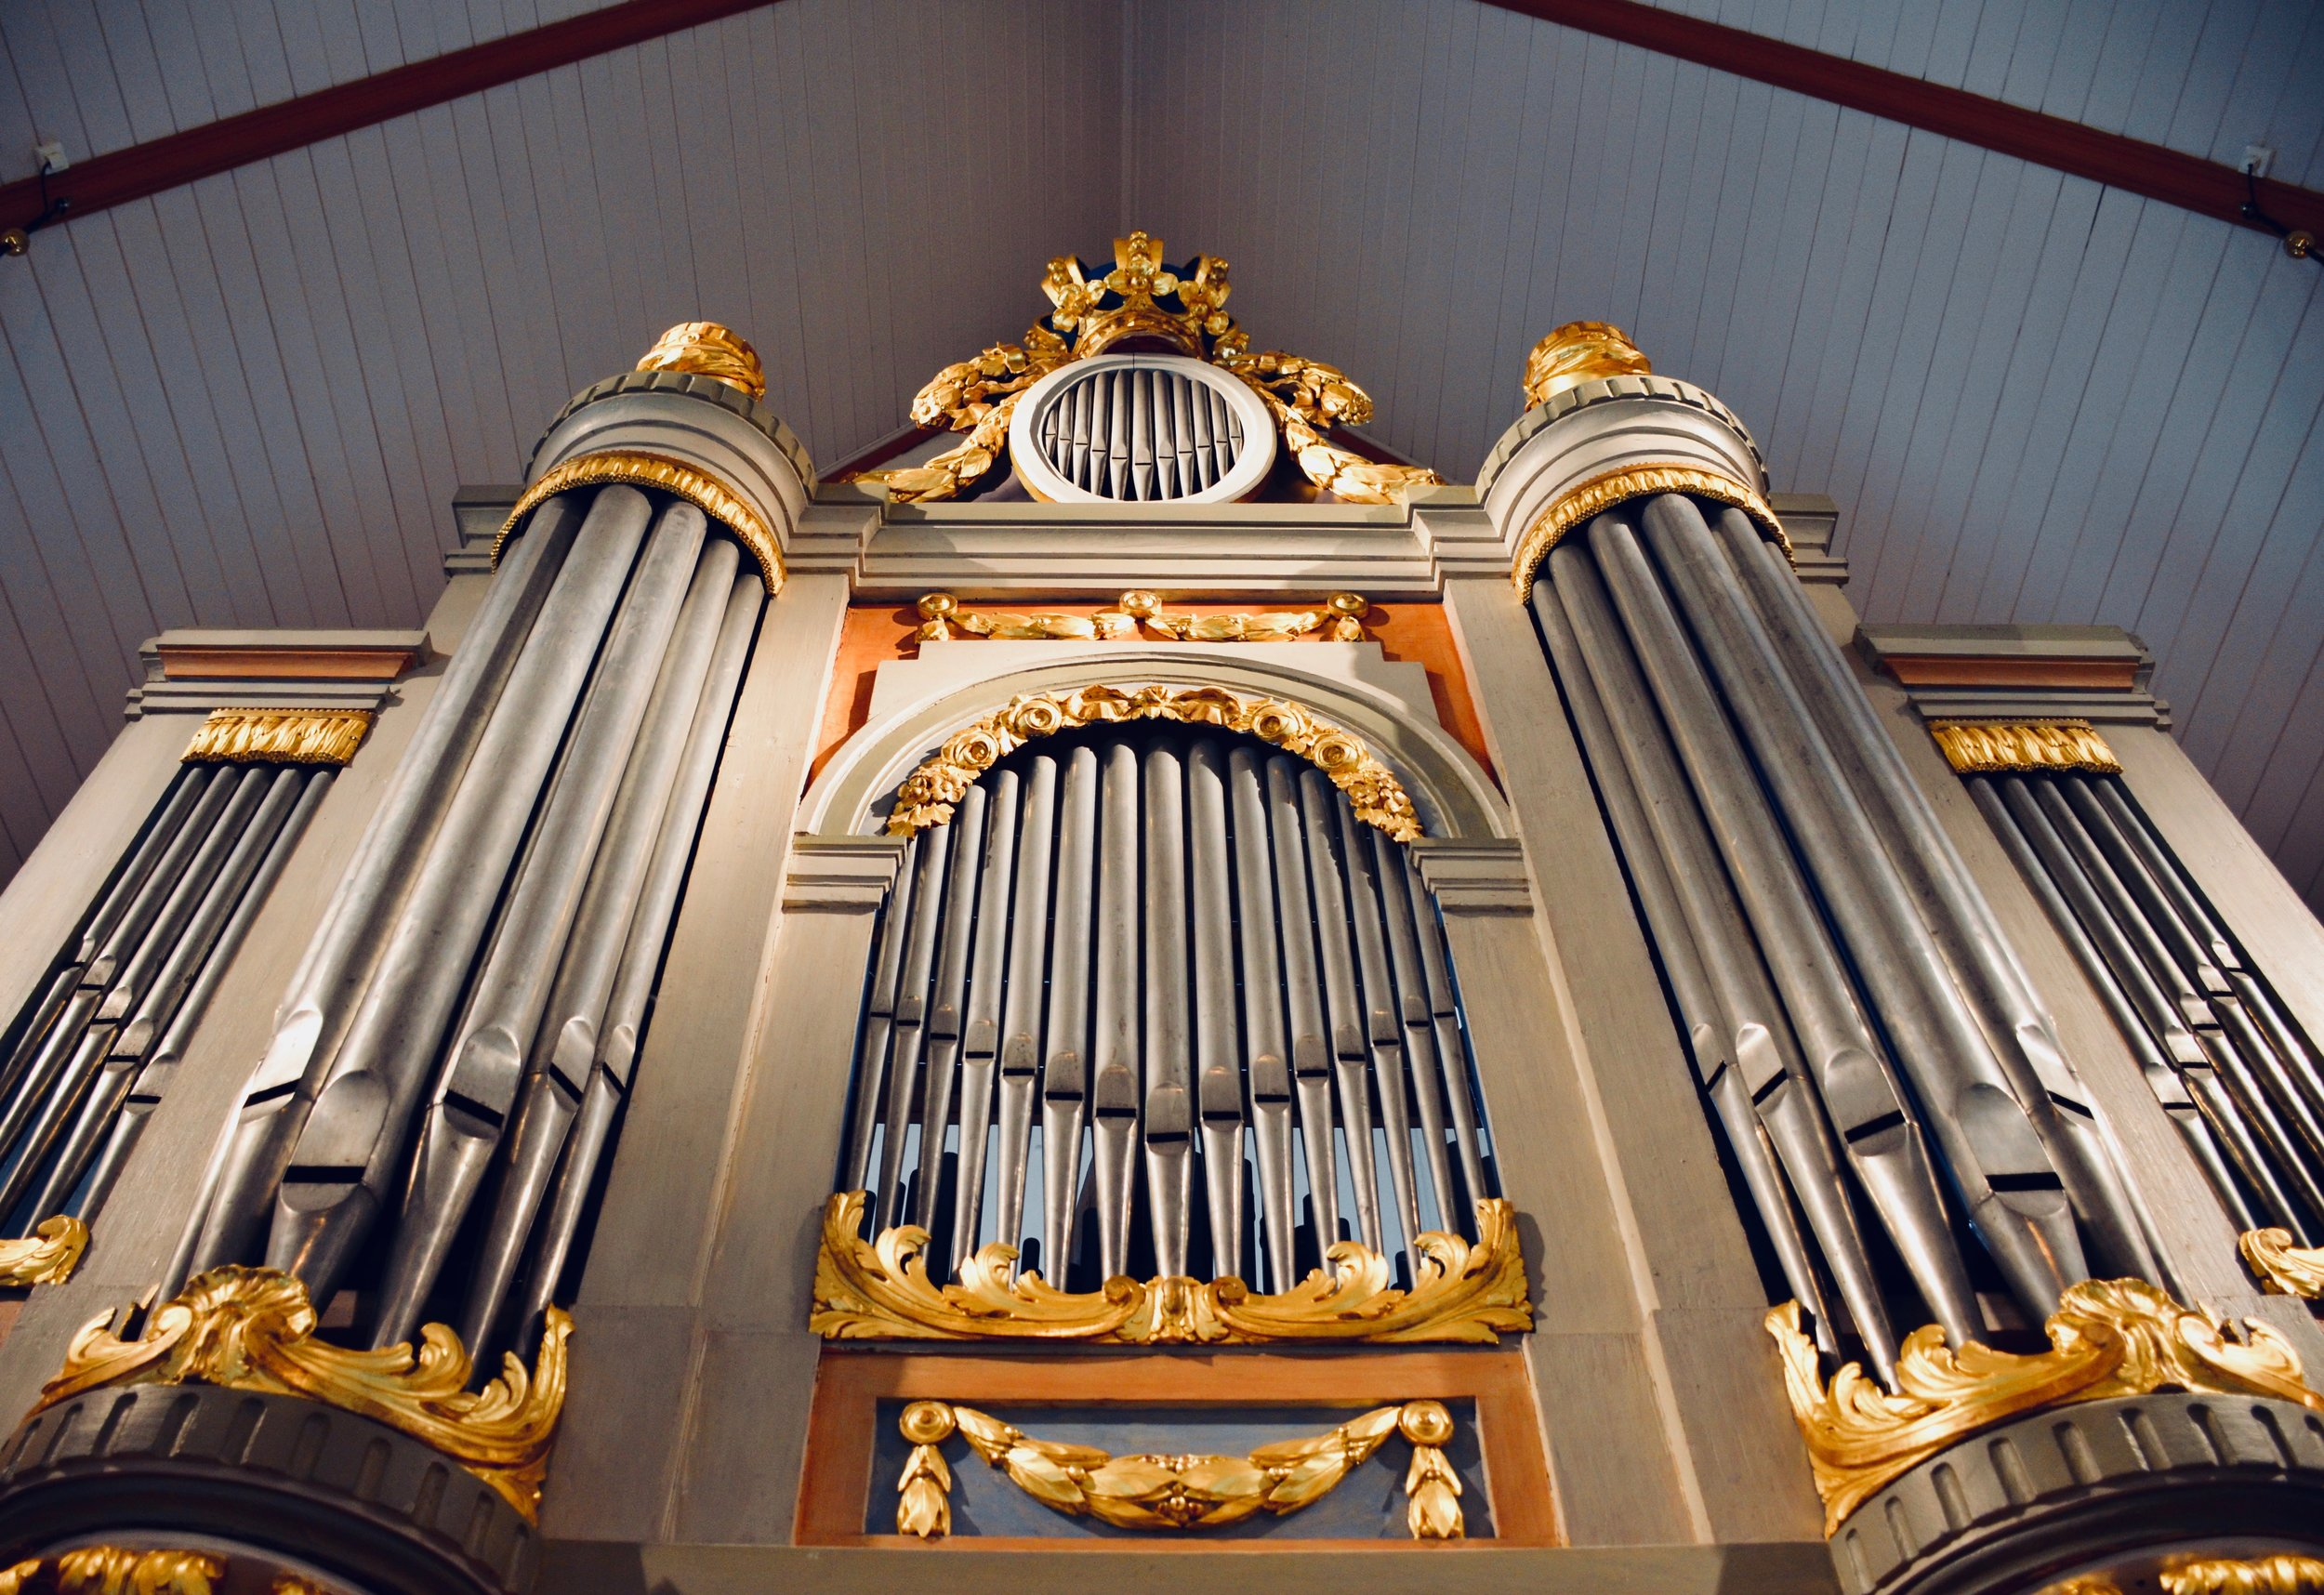 1783 Schiörlin organ in Jonsered, Sweden.